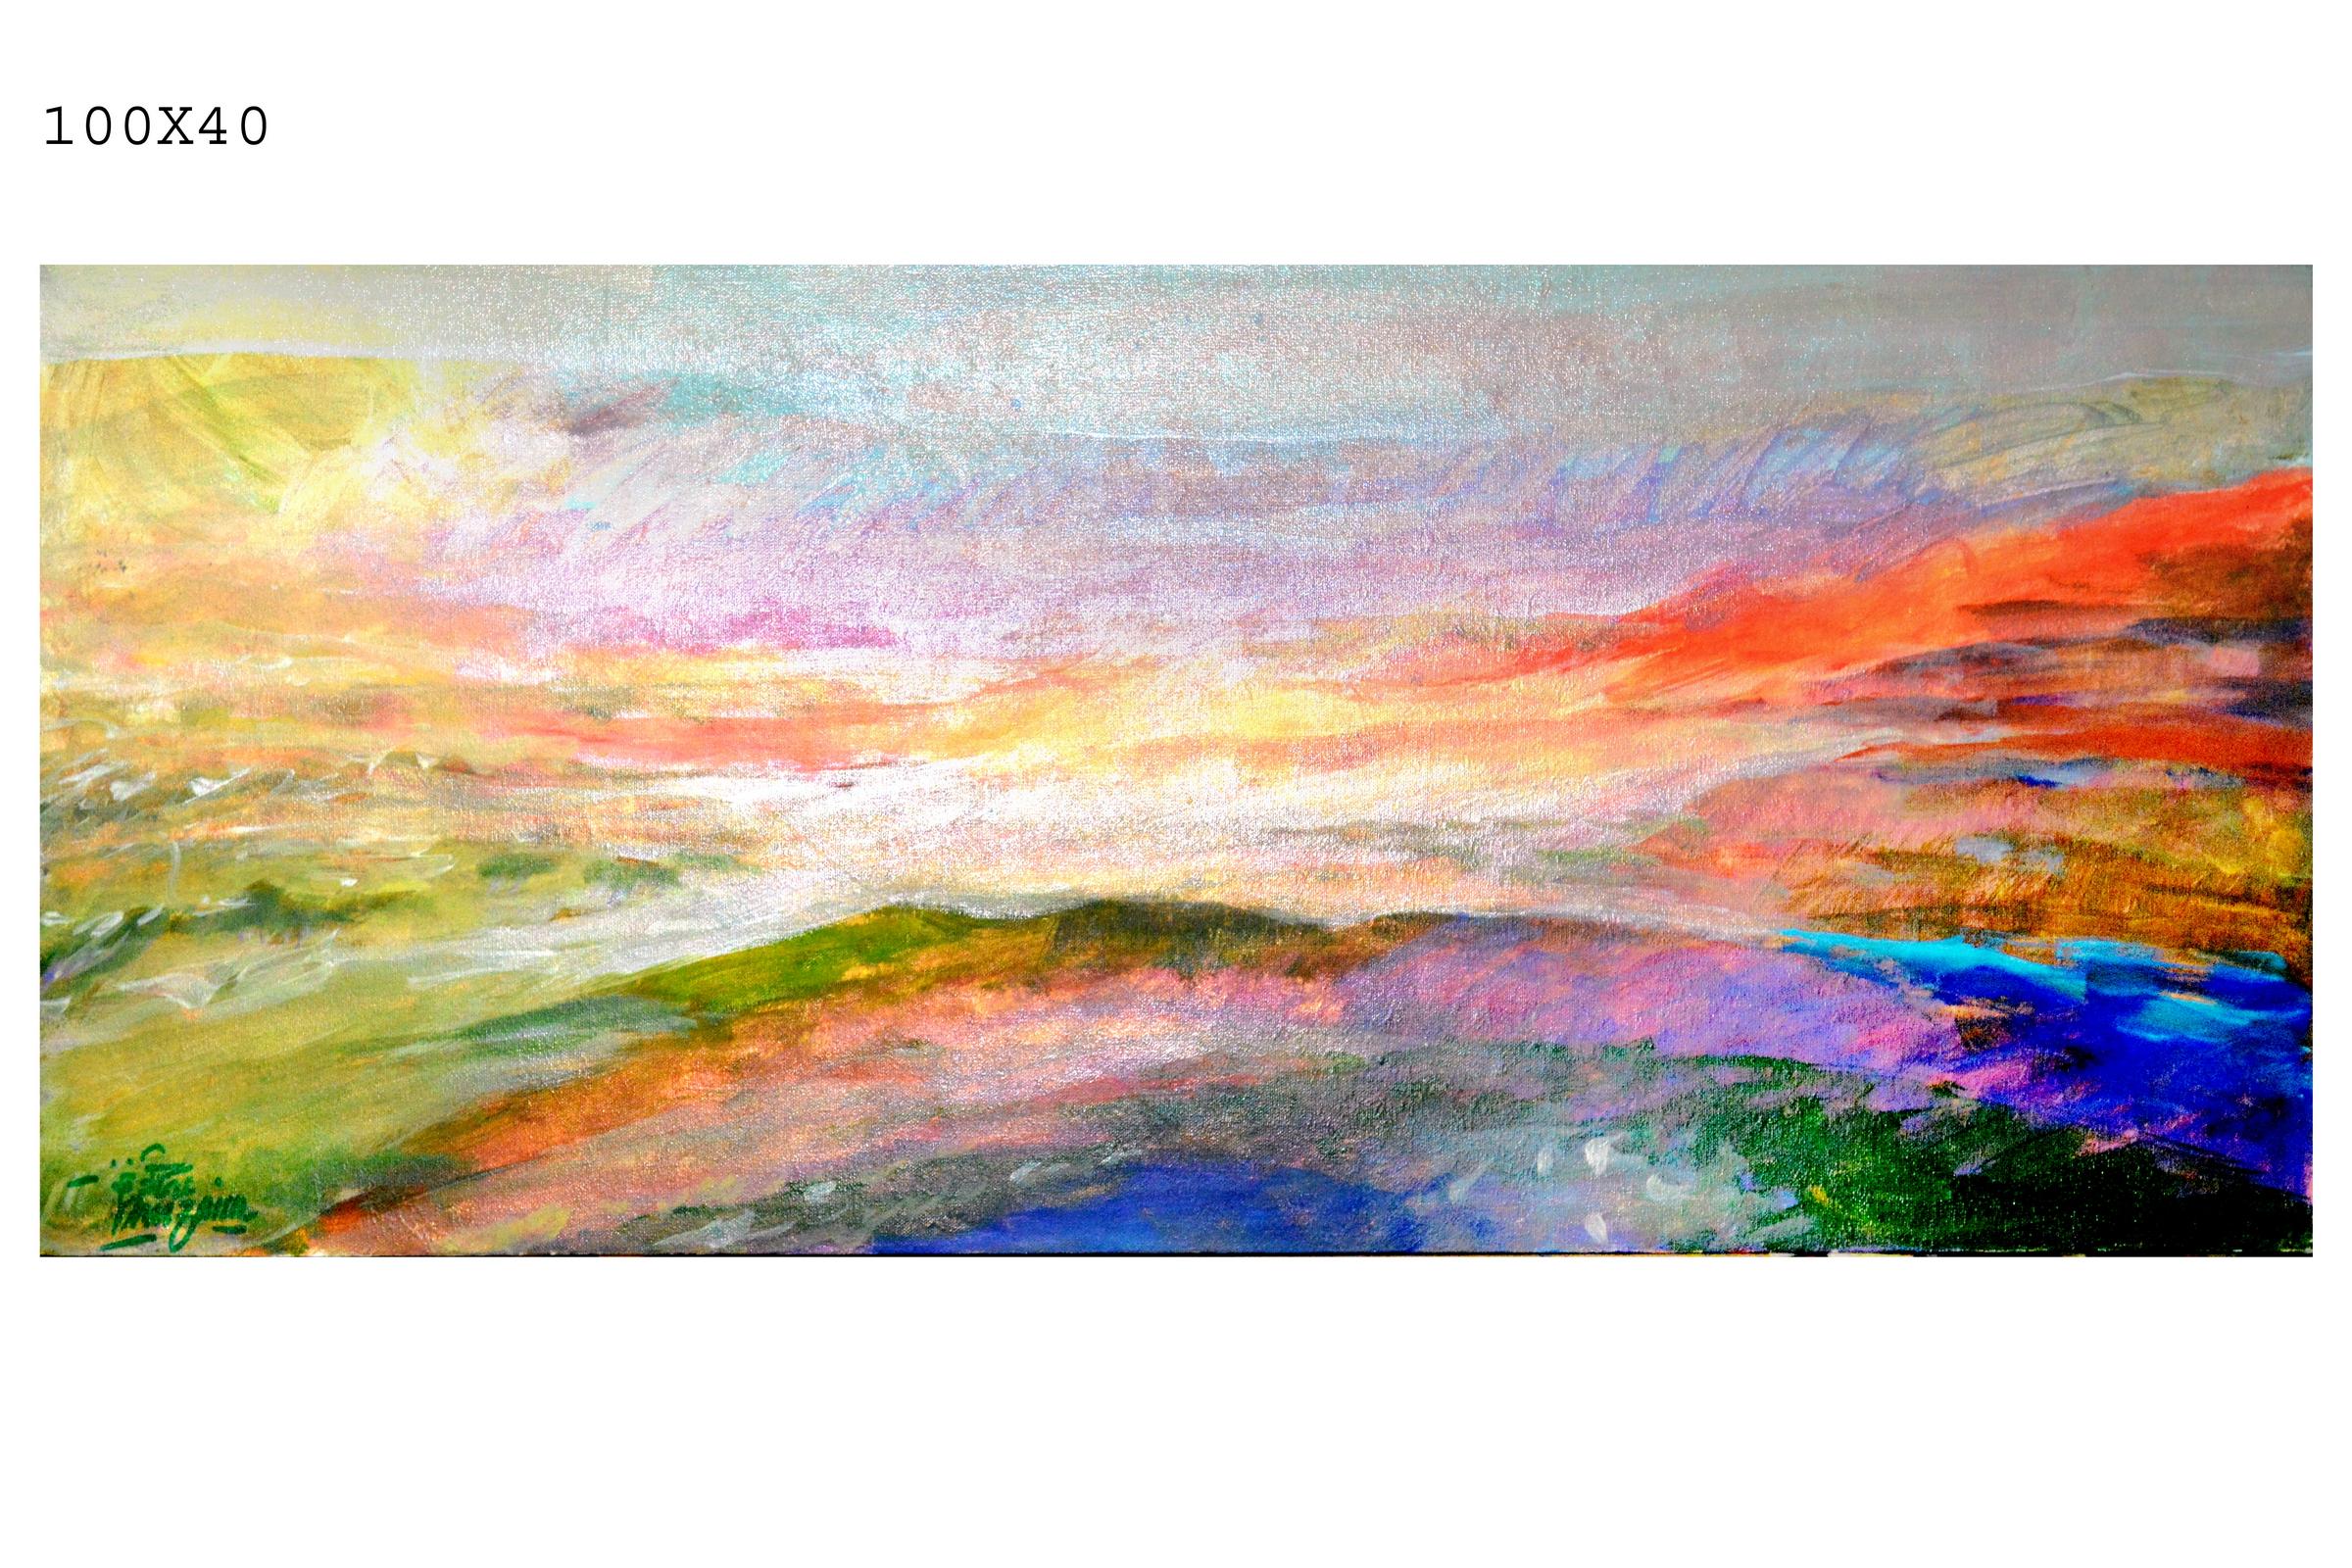 080_146 - artist Othman Khuzaim - 100 in 40 mixed media on canvas - الفنان عثمان الخزيم.JPG